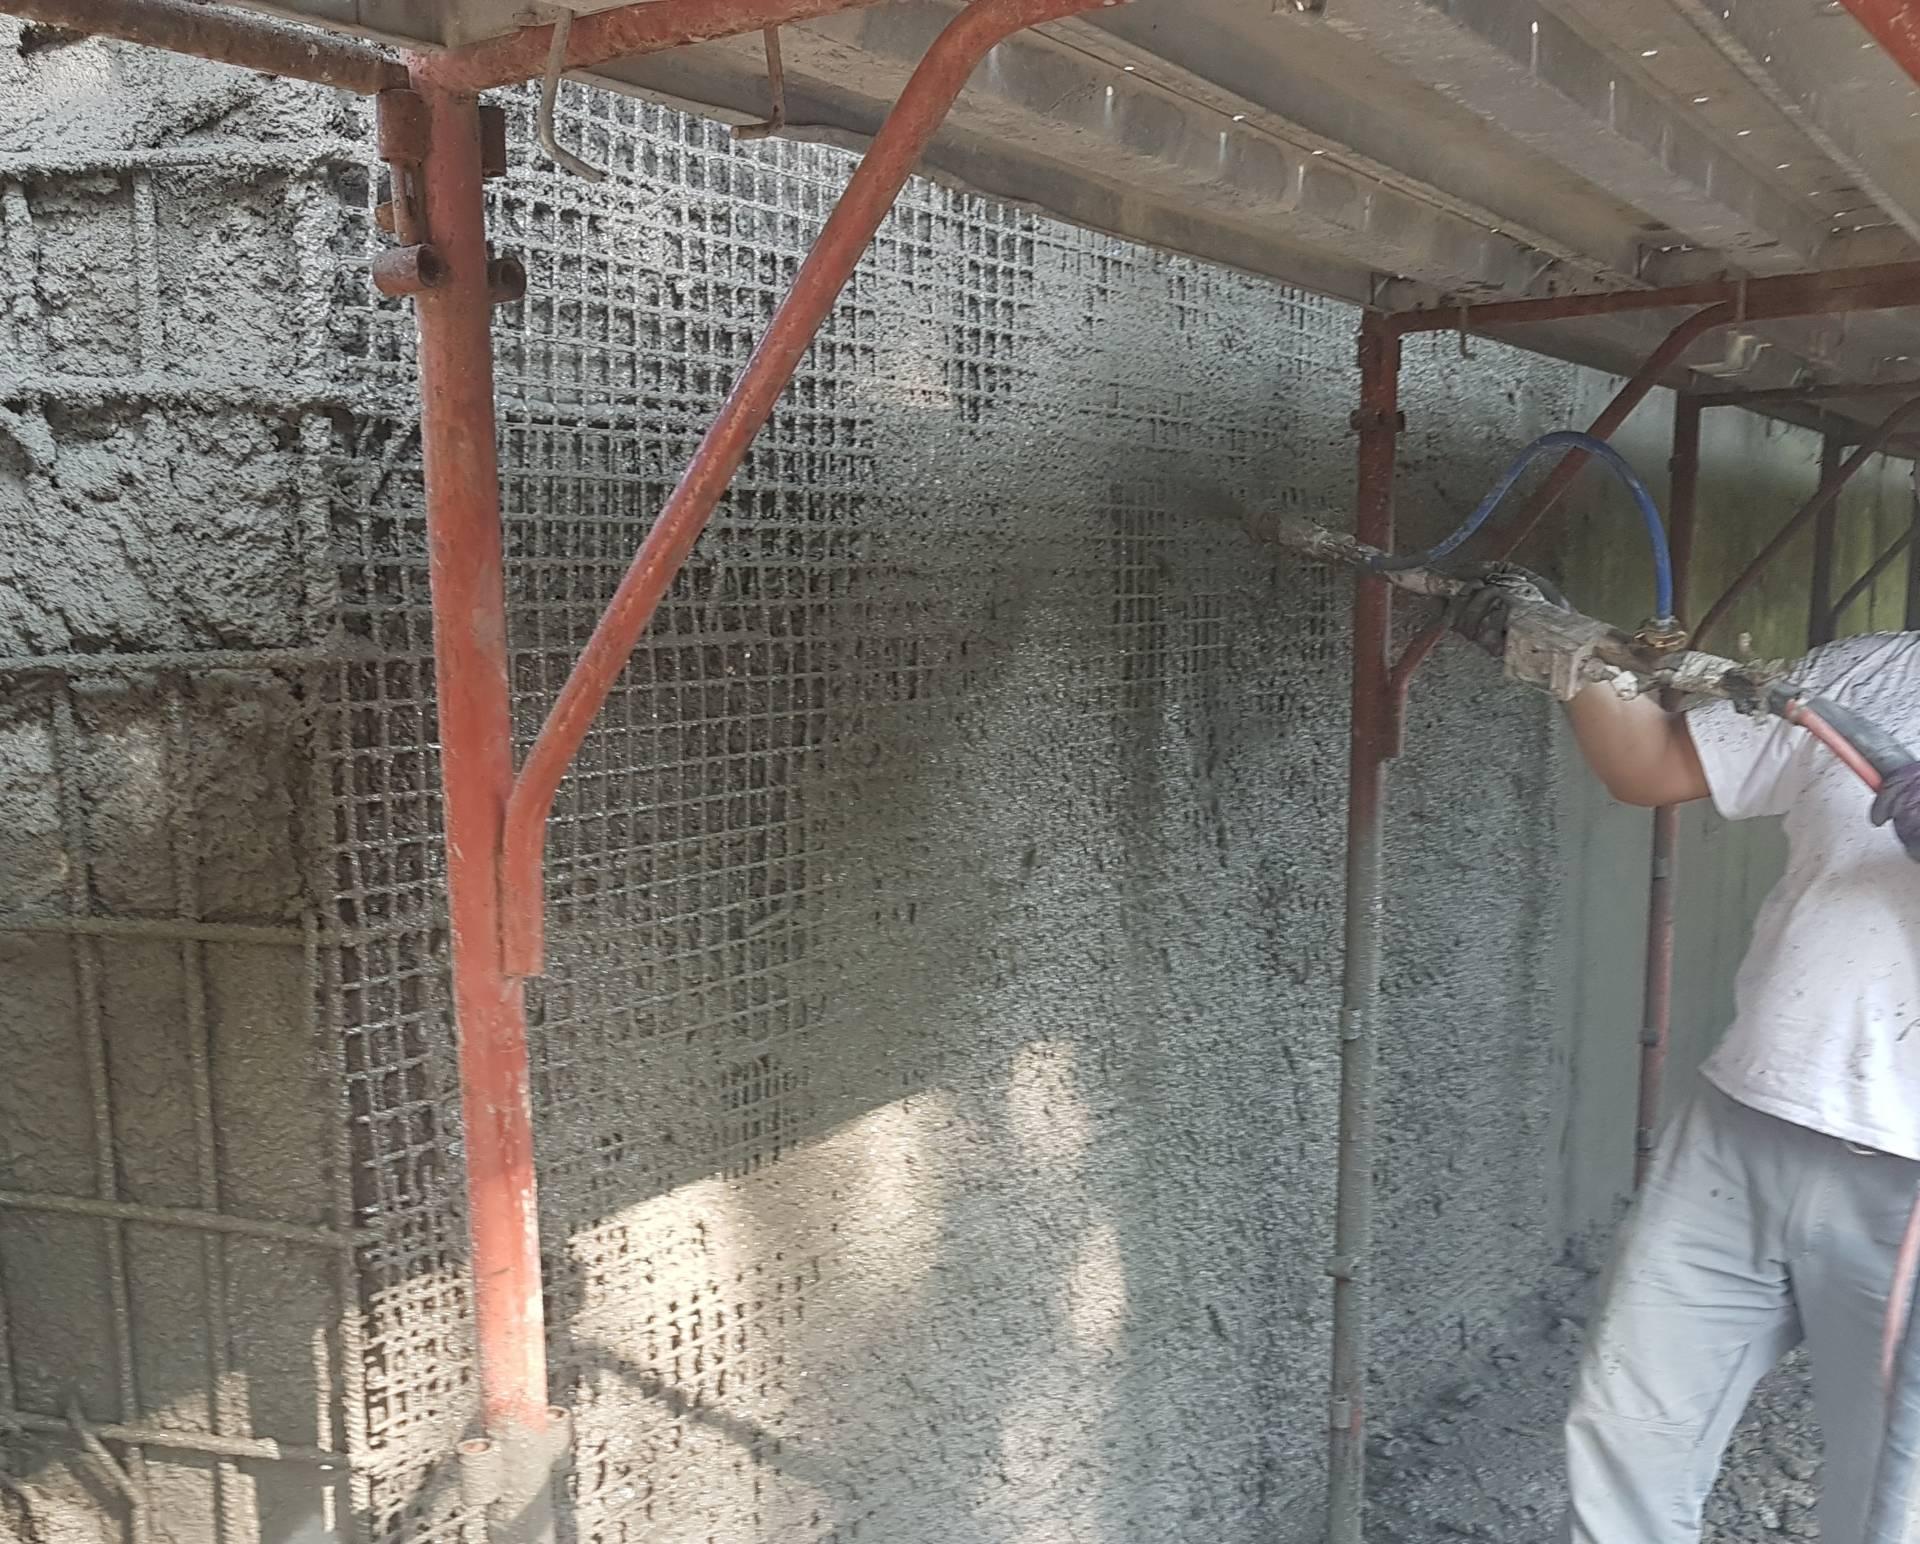 Ricostruzione volumetrica e rinforzo con malta strutturale applicata con pompante in una pila di un ponte - ITON SRL